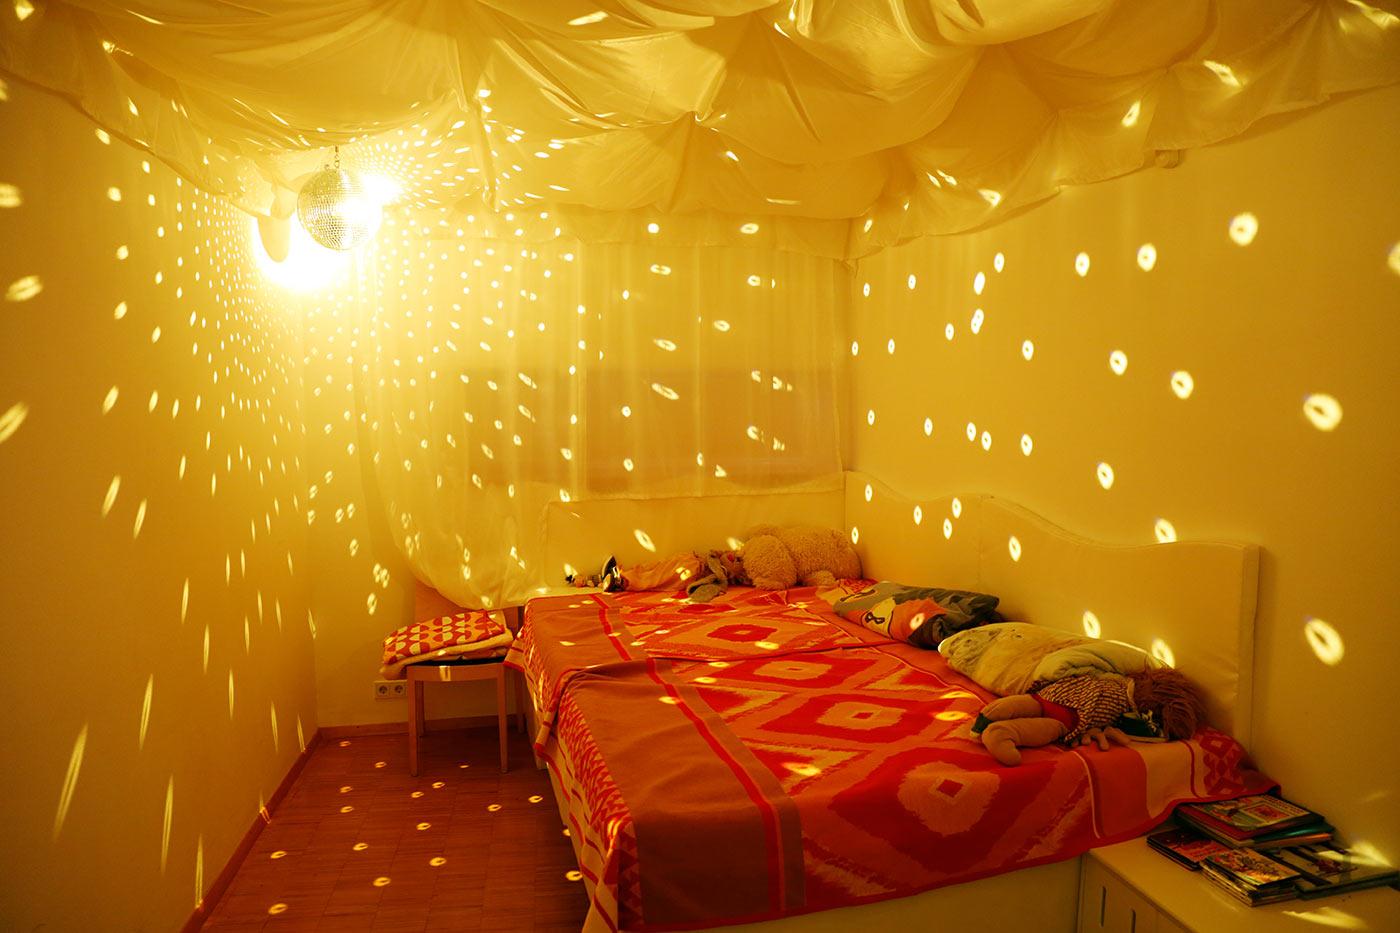 Snoezelen-Raum mit Licht-, Klangeffekten und Wasserbett; Foto: Kinderhospiz St. Nikolaus